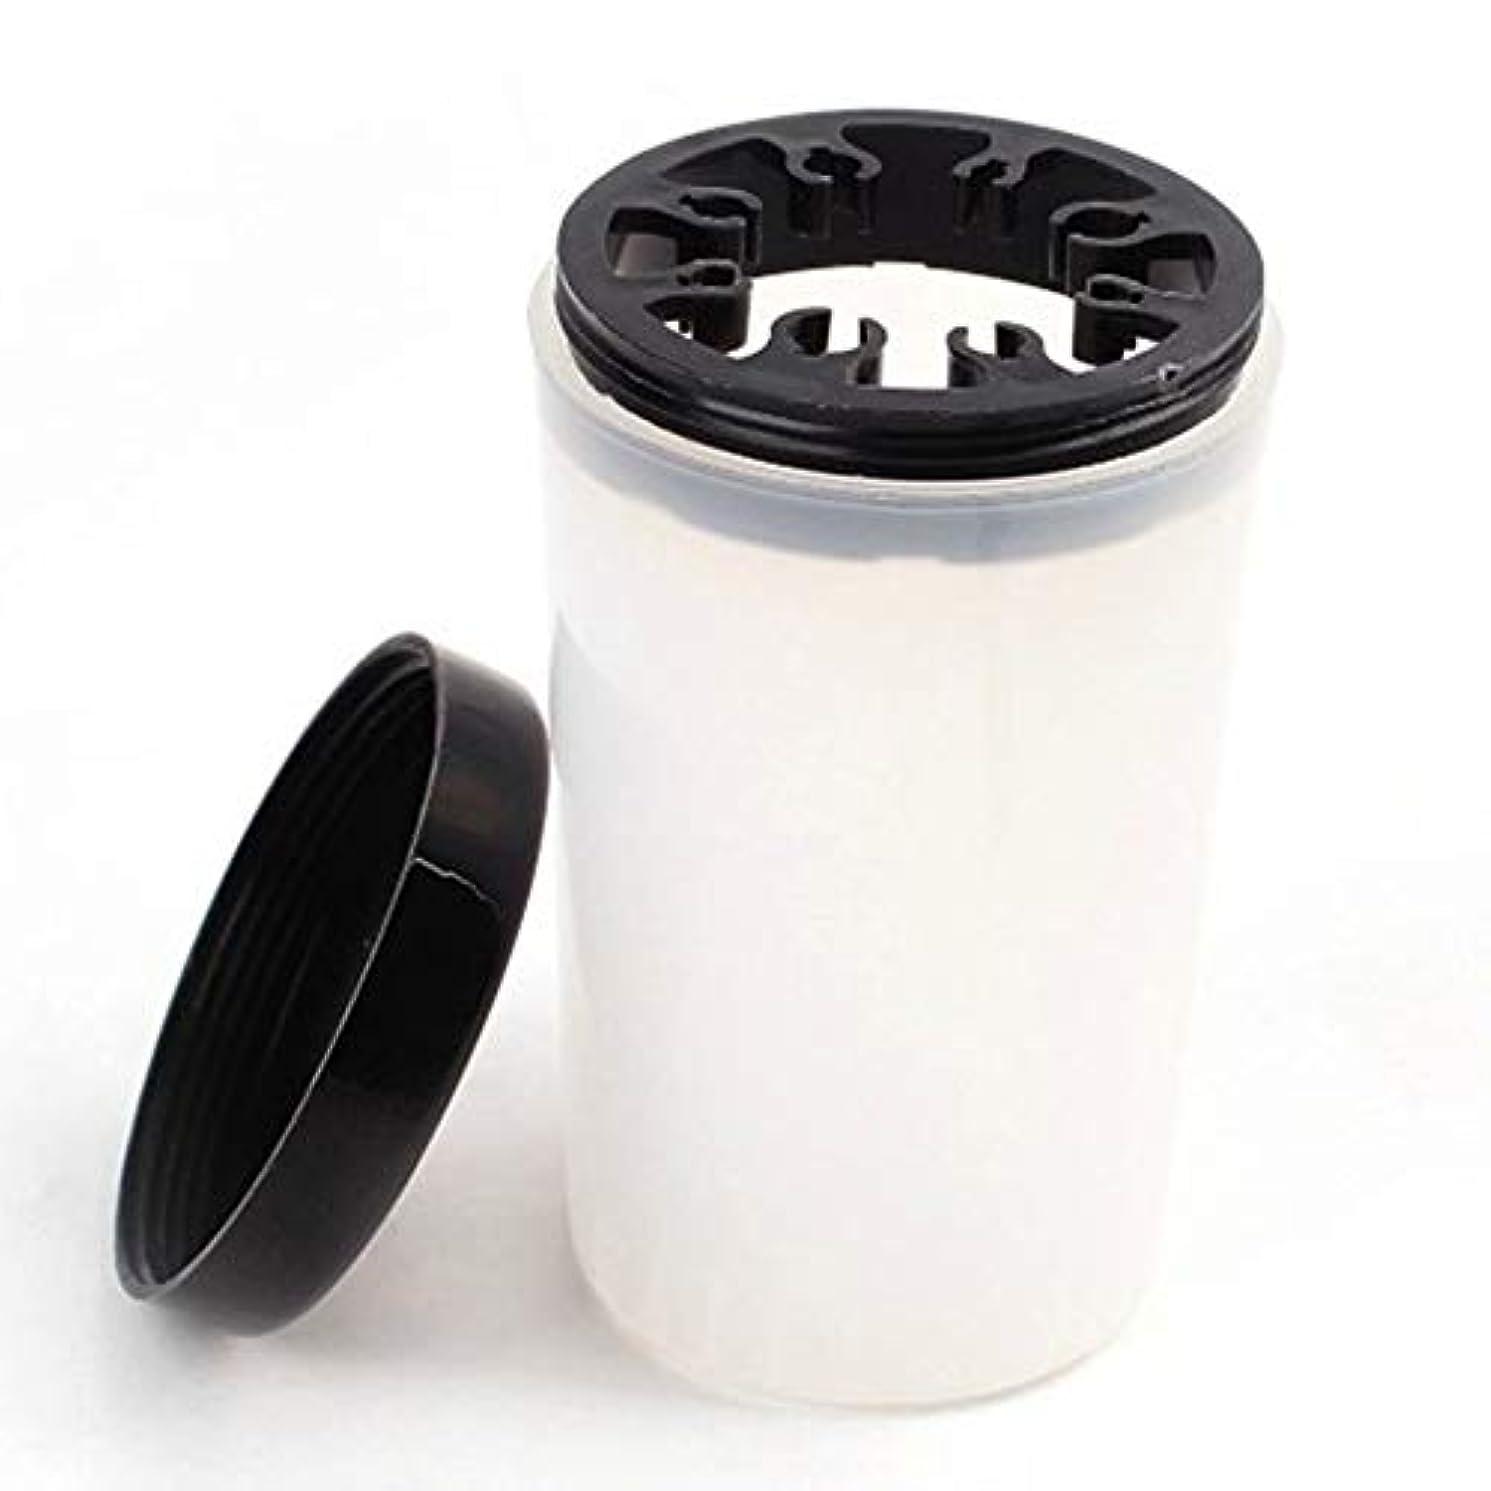 鉄ヘクタールドットAAcreatspaceネイルアートチップブラシホルダーネイルアートチップブラシホルダーリムーバーカップ浸漬ネイルアートブラシクリーナーボトルスタンドベース